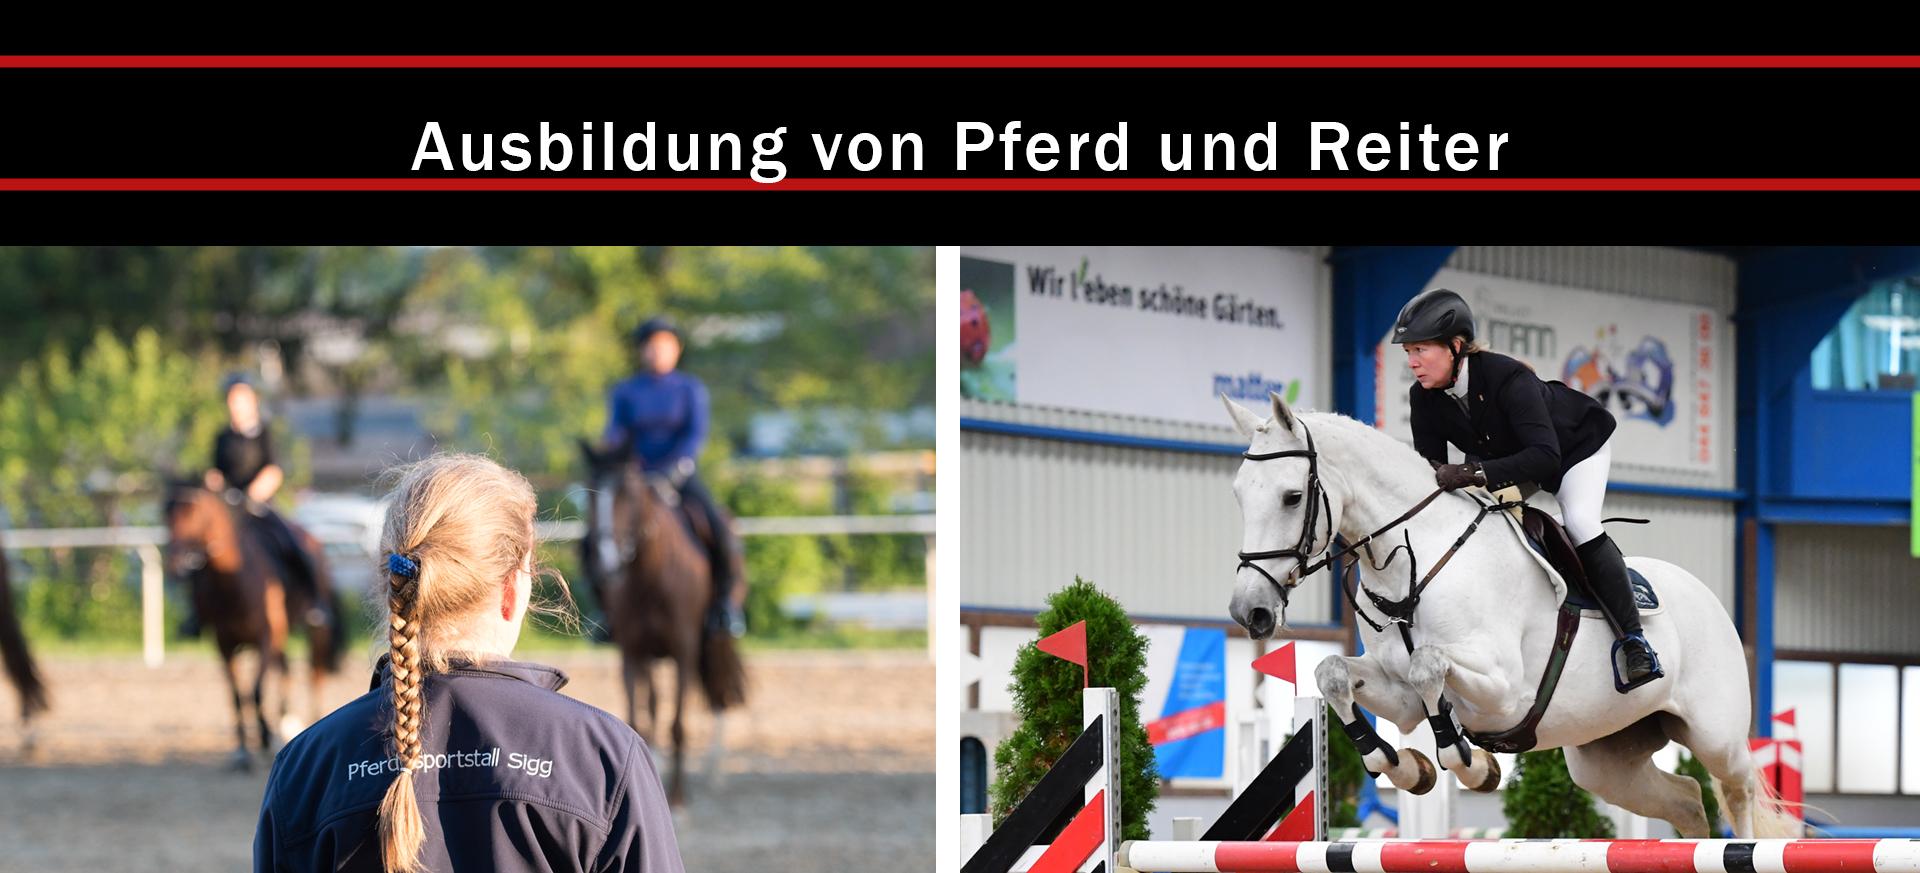 Ausbildung-von-Pferd-und-Reiter-Yvonne